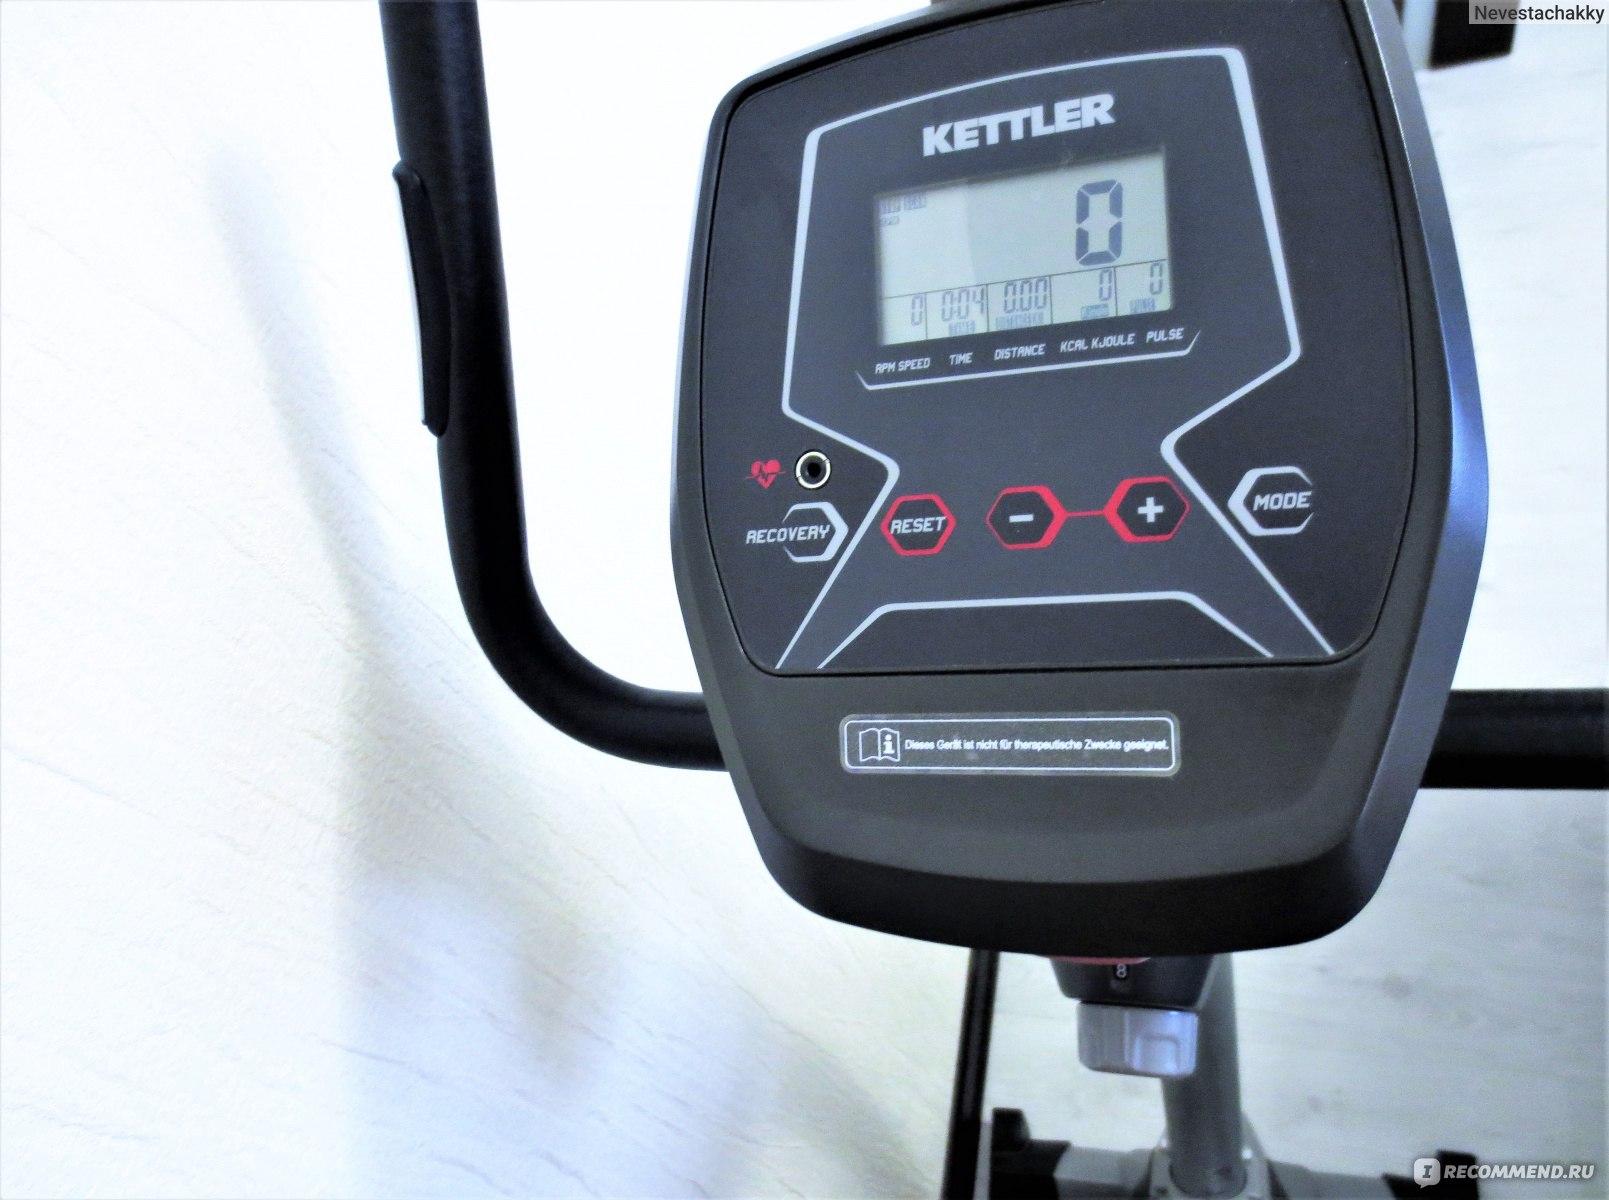 Эффективность Велотренажера При Похудении. Велотренажер: какие мышцы работают и возможный эффект для похудения